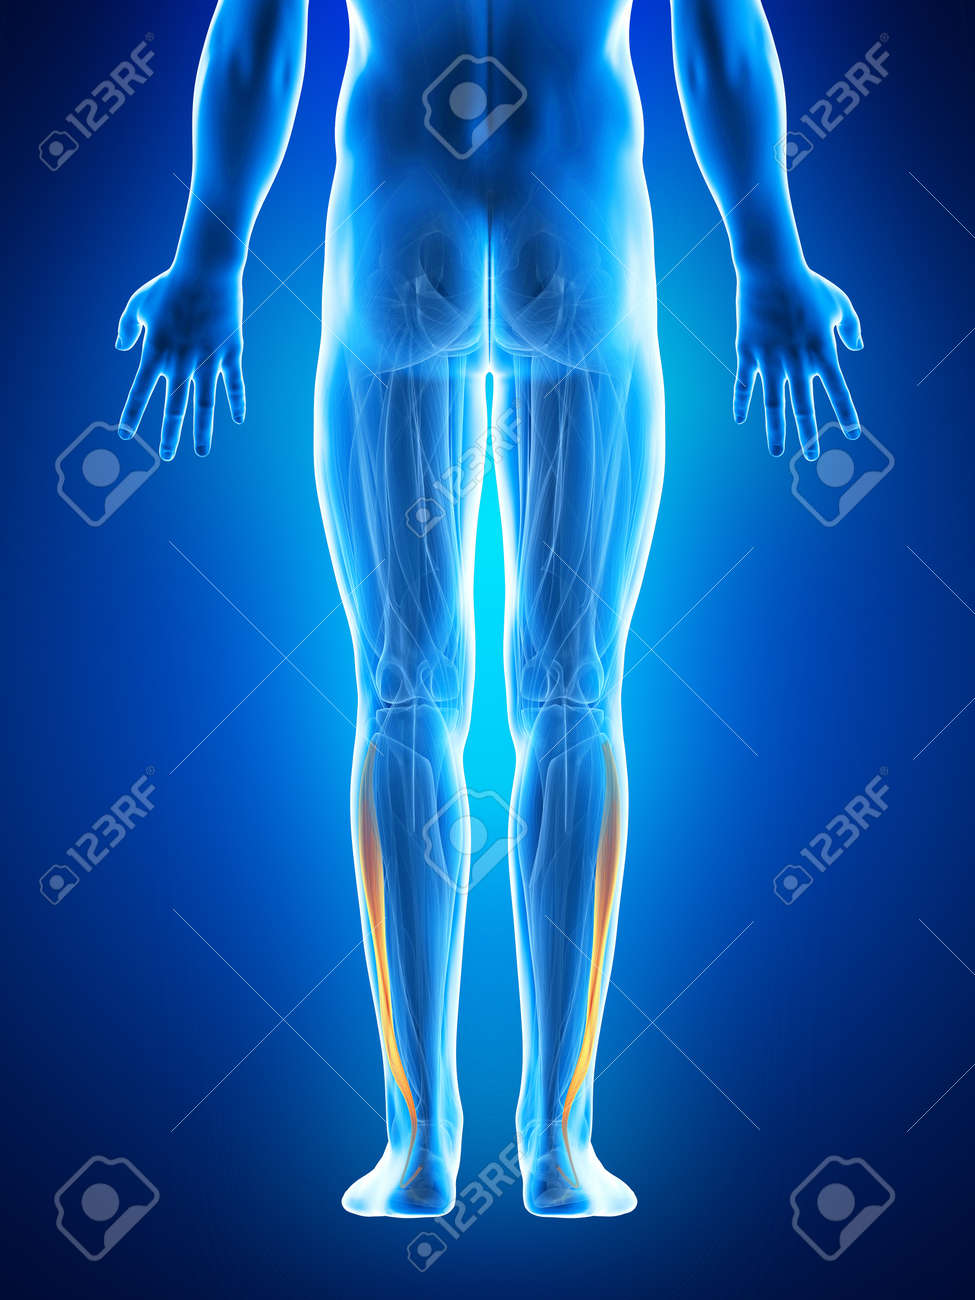 Anatomy Illustration Showing The Fibularis Longus Stock Photo